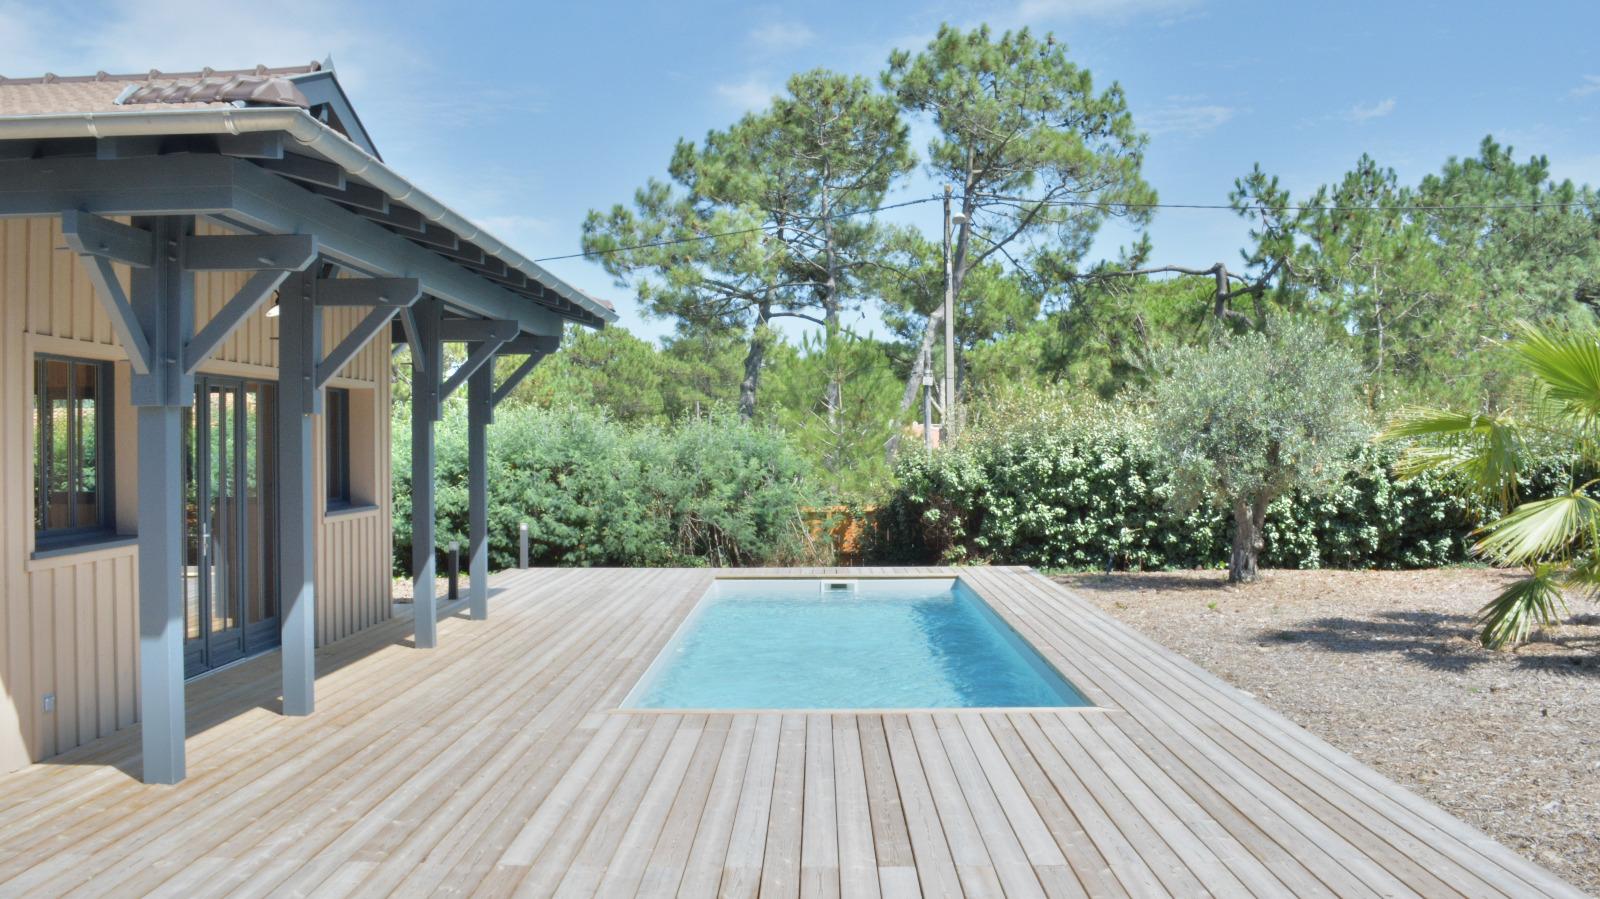 Cap ferret entre bassin et oc an maison neuve esprit for Maison a louer cap ferret avec piscine